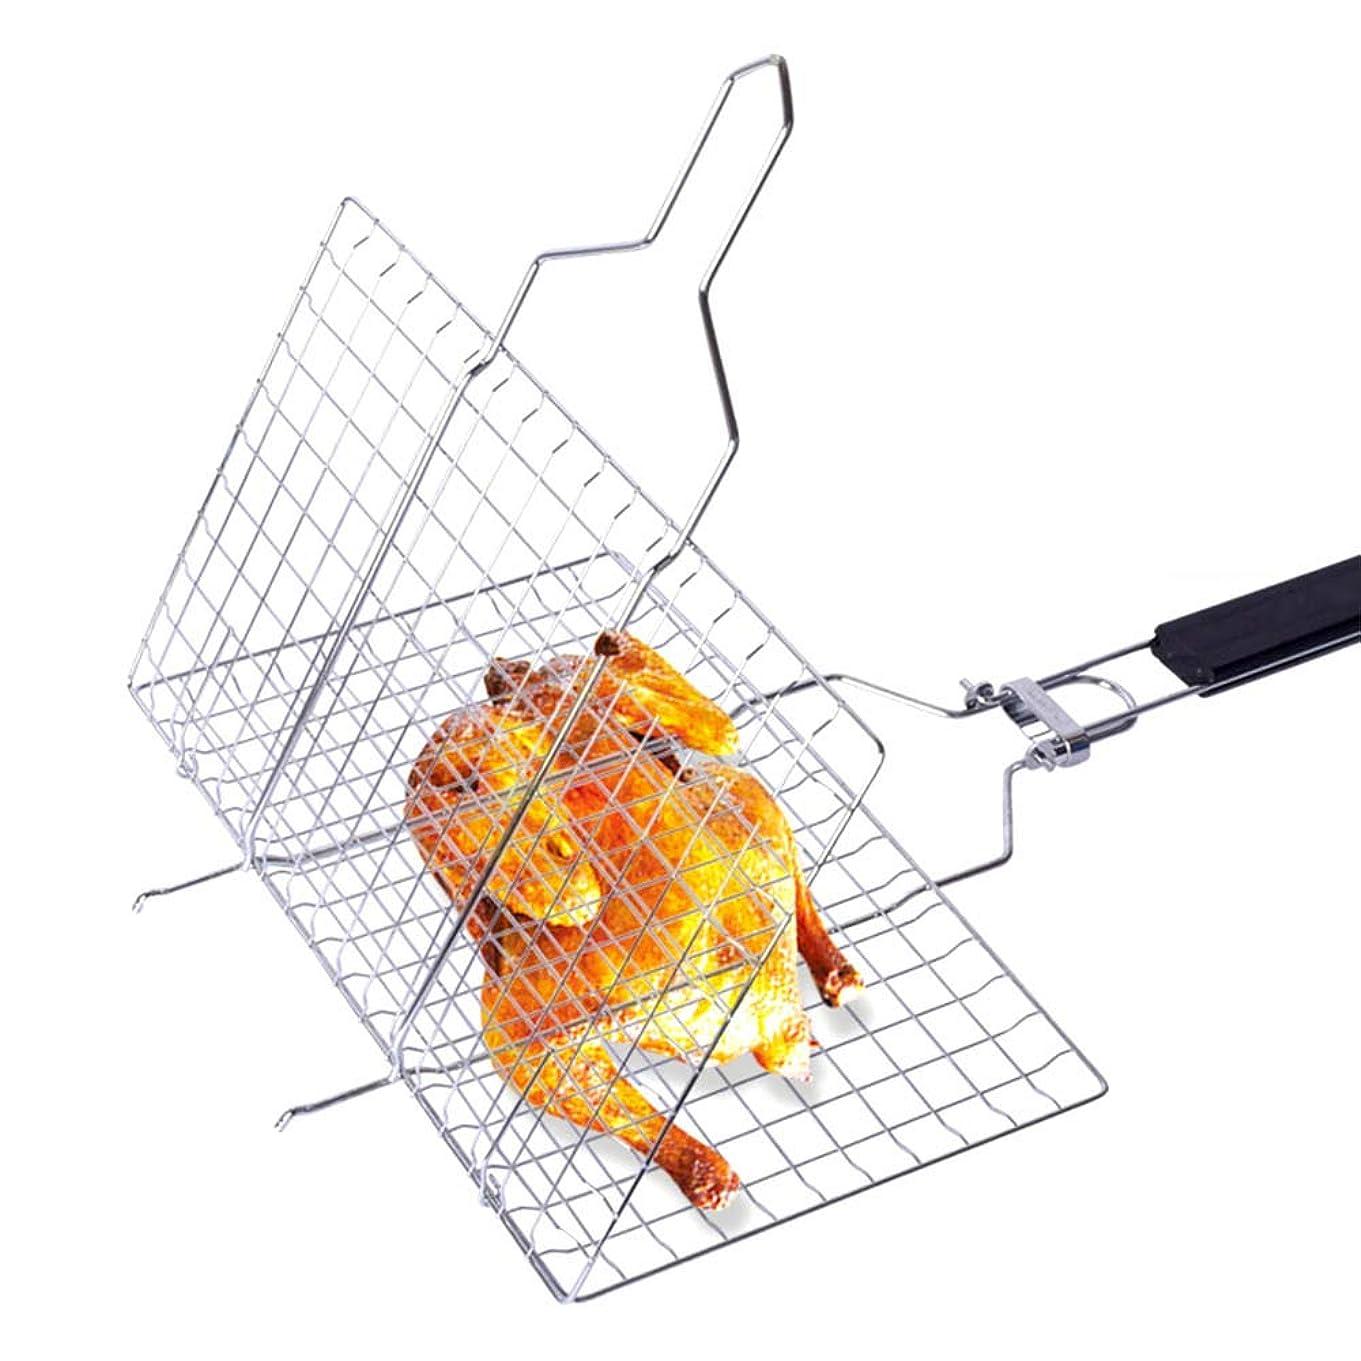 寸前保持スノーケルポータブルグリルバスケットBBQバーベキューツール作業バーベキューグリルバスケットは、調節可能なハンドルと魚野菜エビのために、収納袋が付属します